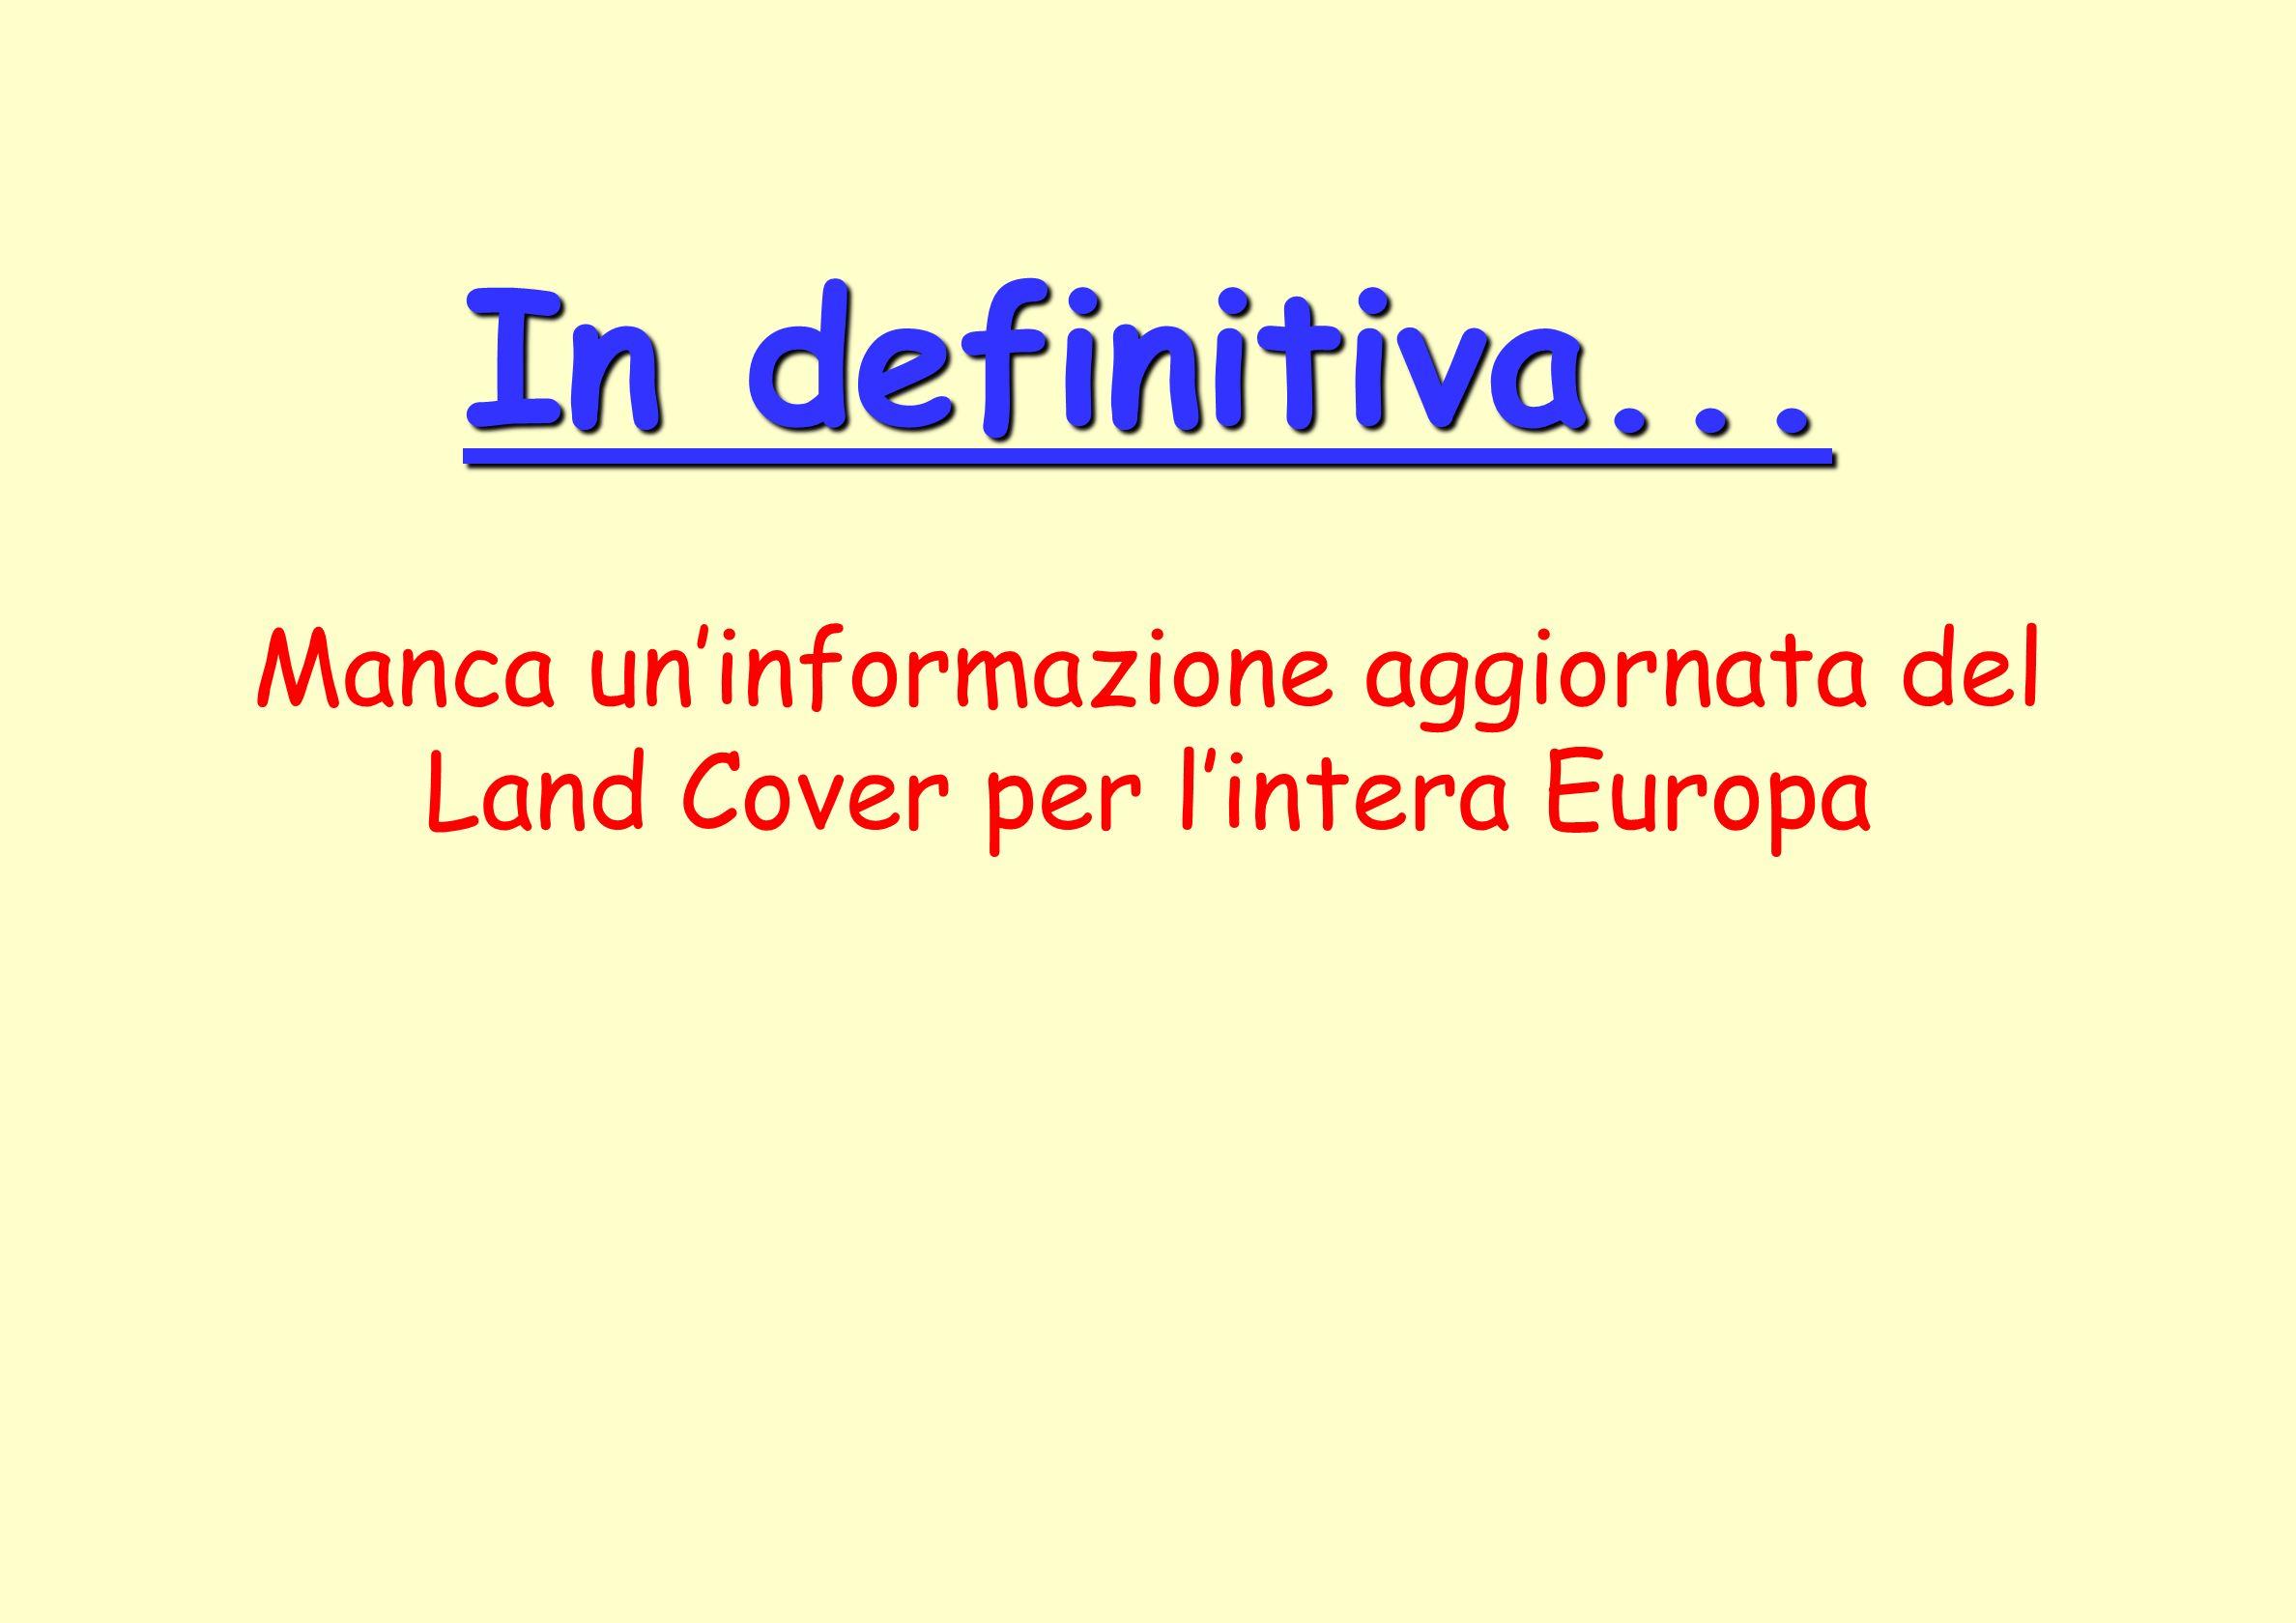 Manca un'informazione aggiornata del Land Cover per l'intera Europa